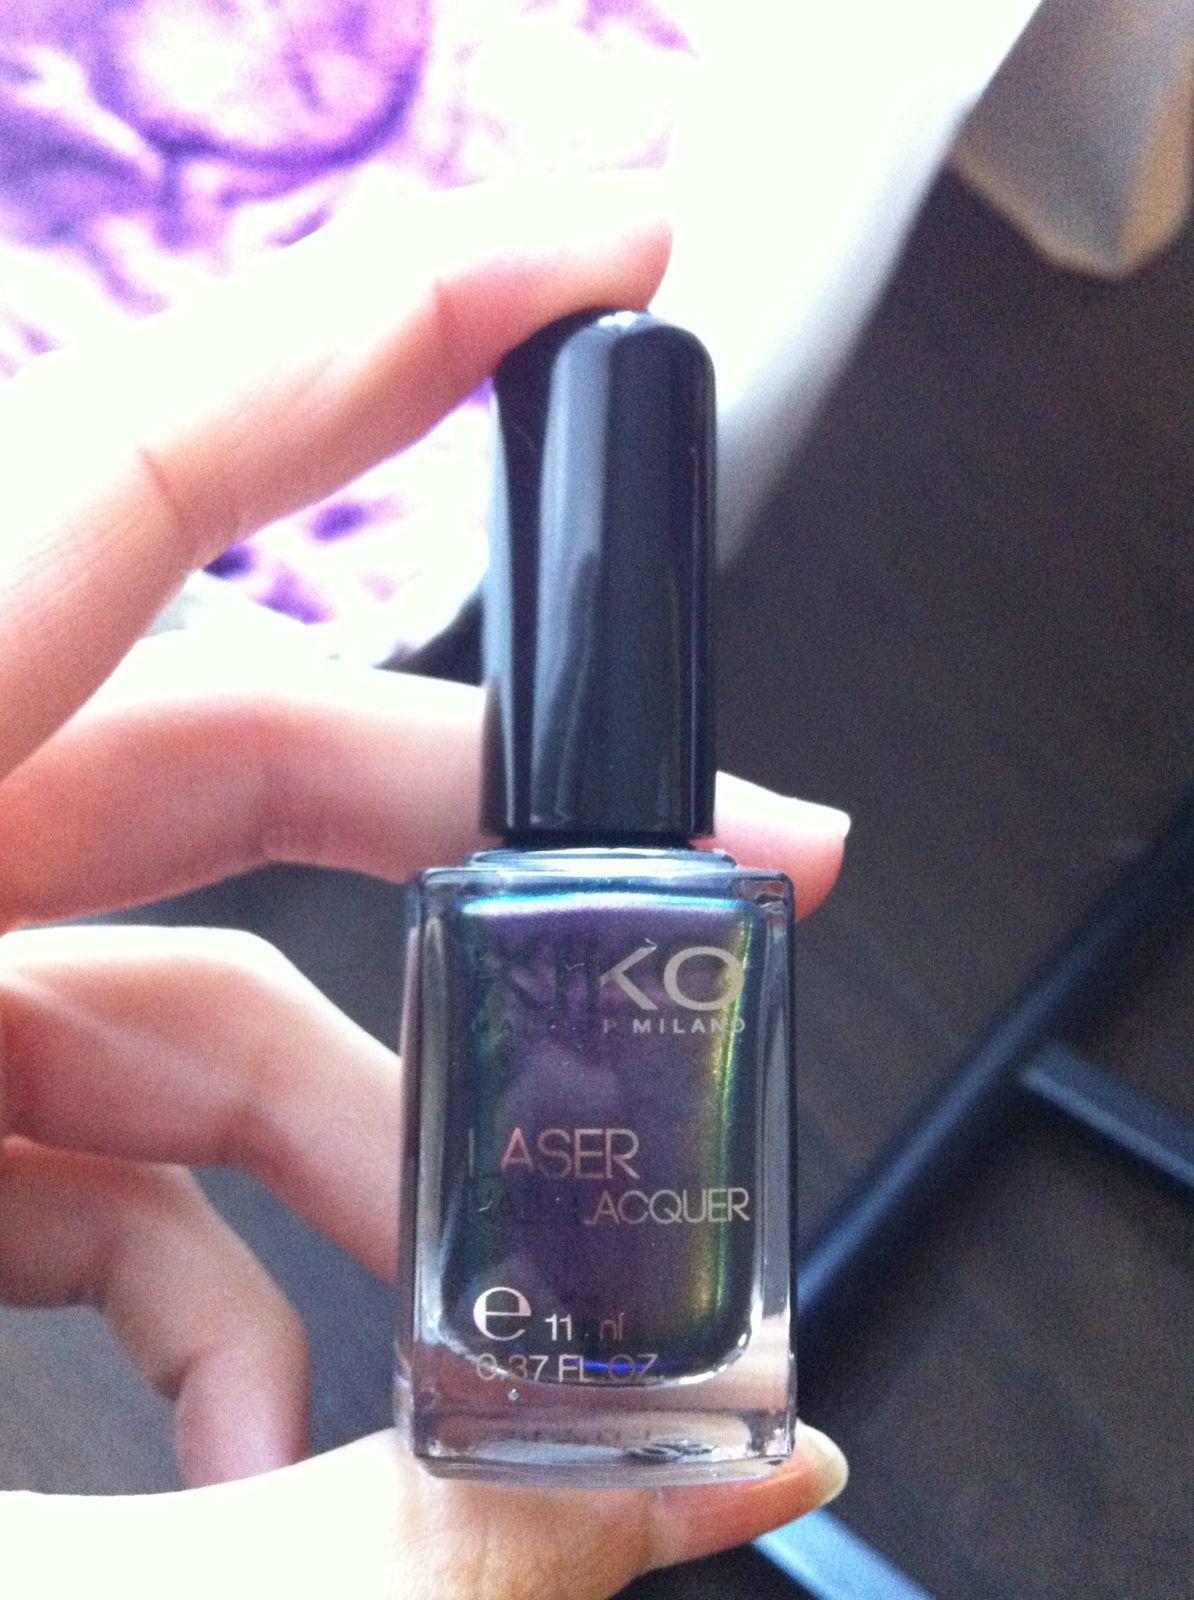 kiko laser 433 X seventeen super shine 539